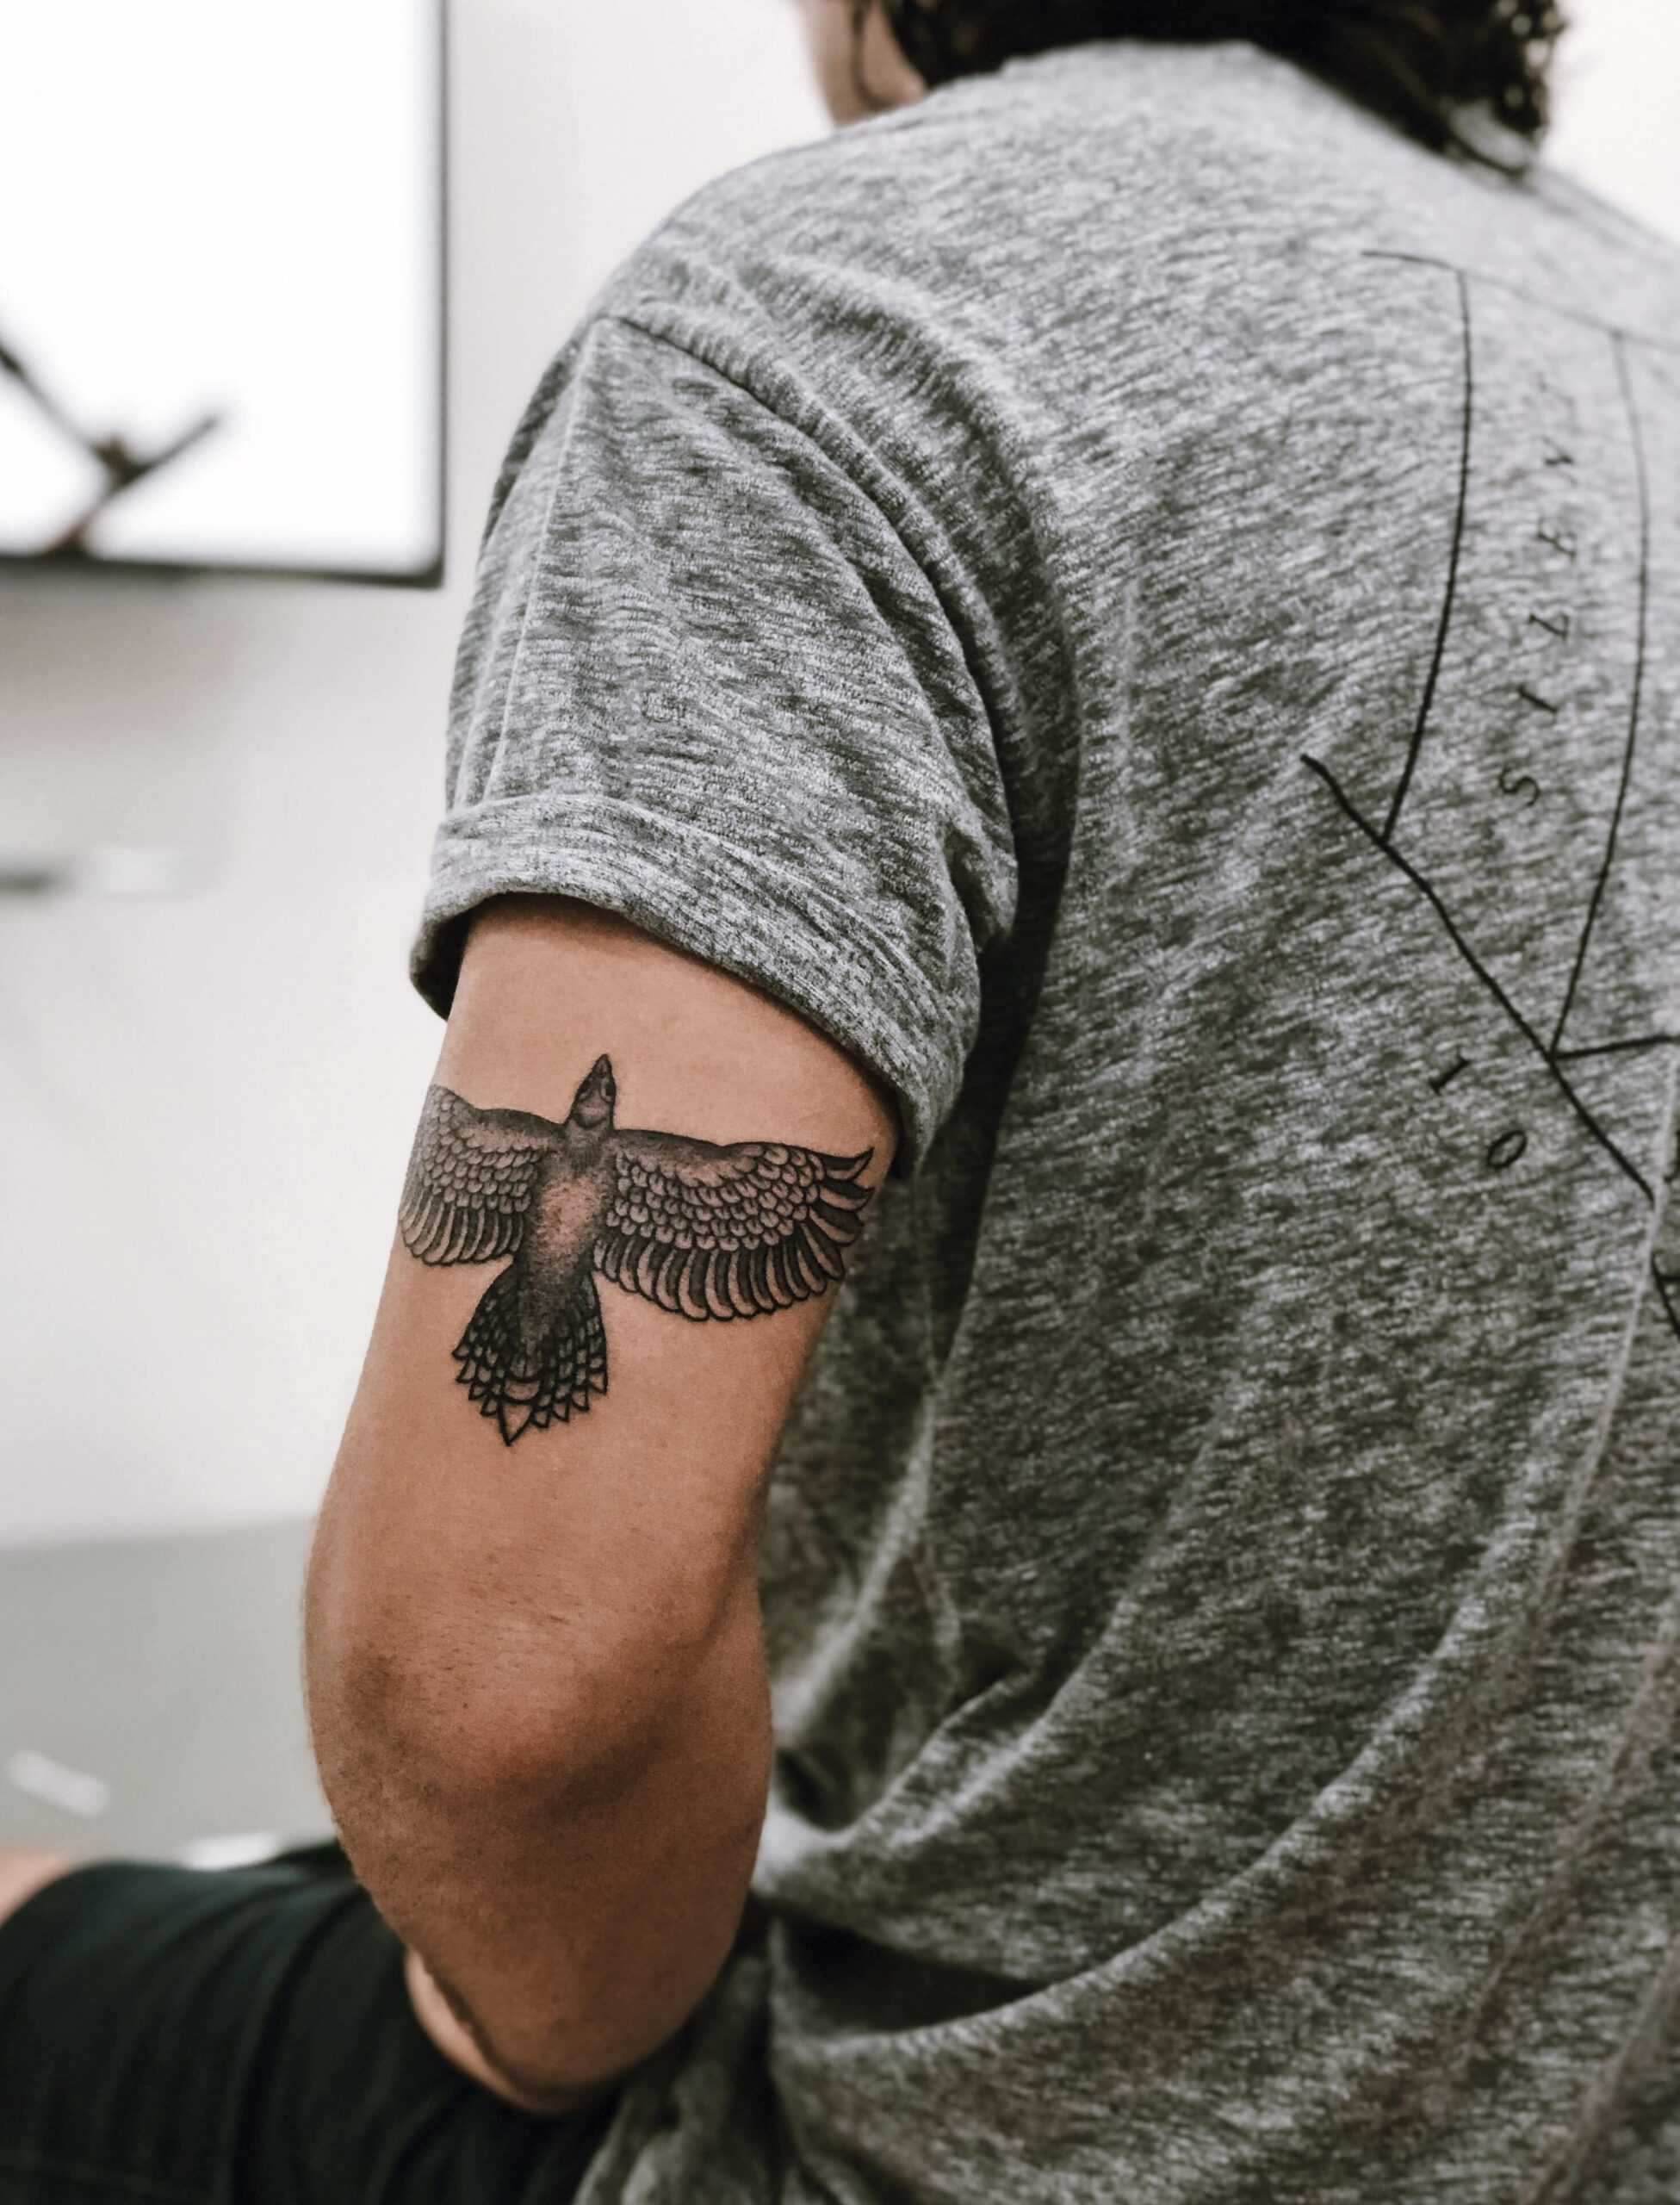 Black Ink Eagle Tricep Tattoo Design For Men